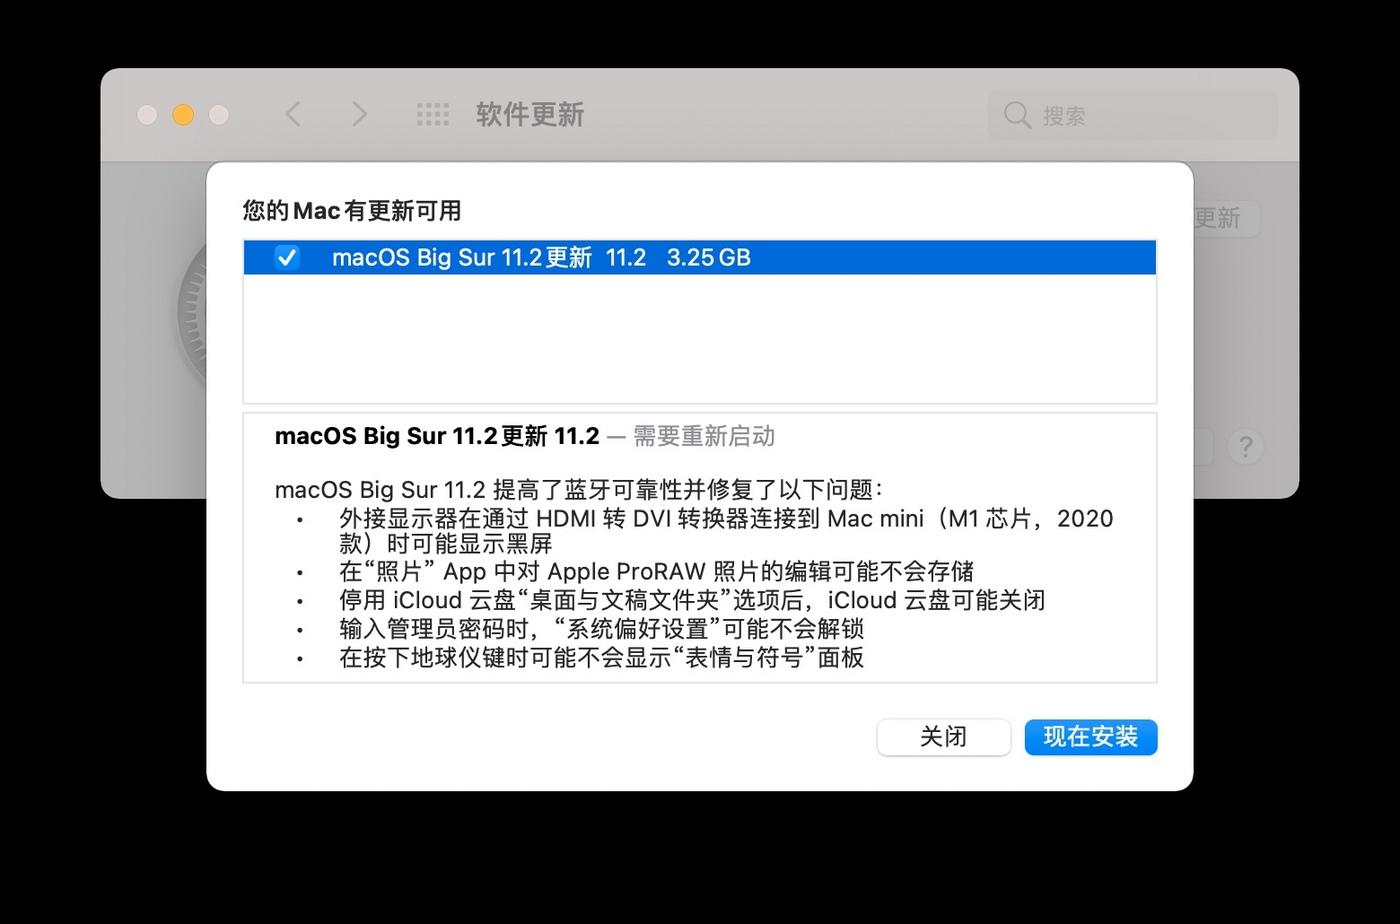 macOS Big Sur 11.2 升级提示